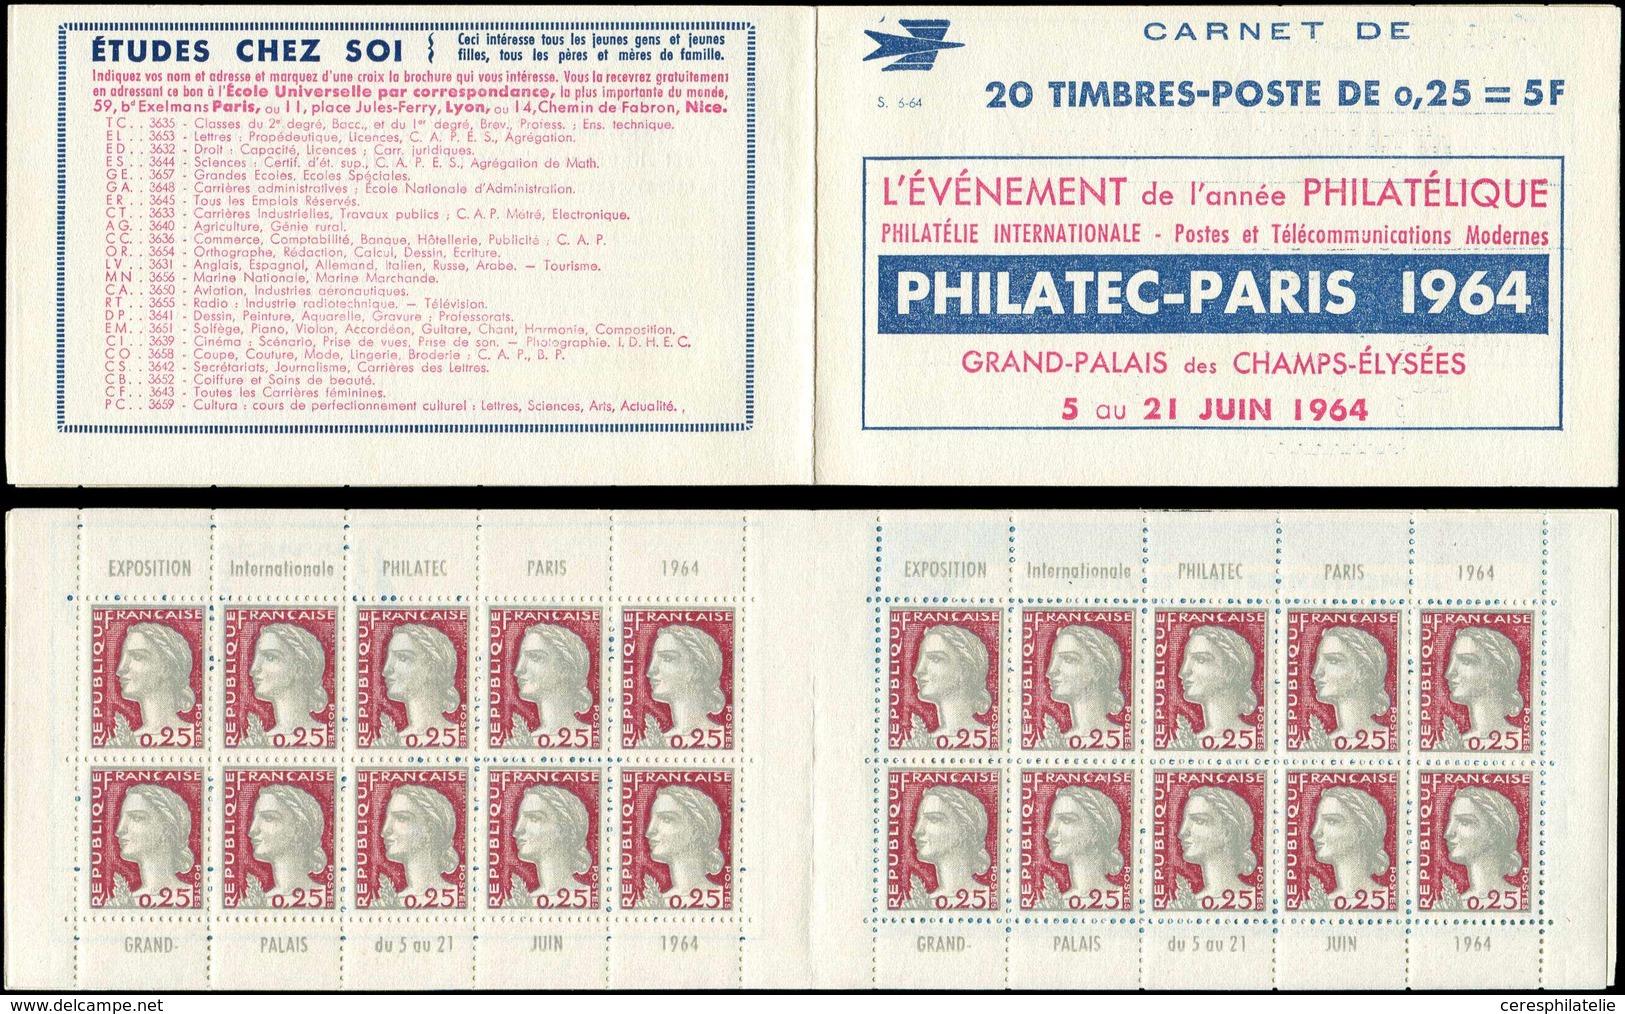 CARNETS (N°Cérès Jusqu'en1964) - 372  Marianne De Decaris, 0,25 Gris Et Grenat, N°1263, T I, S. 6-64, PHILATEC-PARIS 196 - Definitives